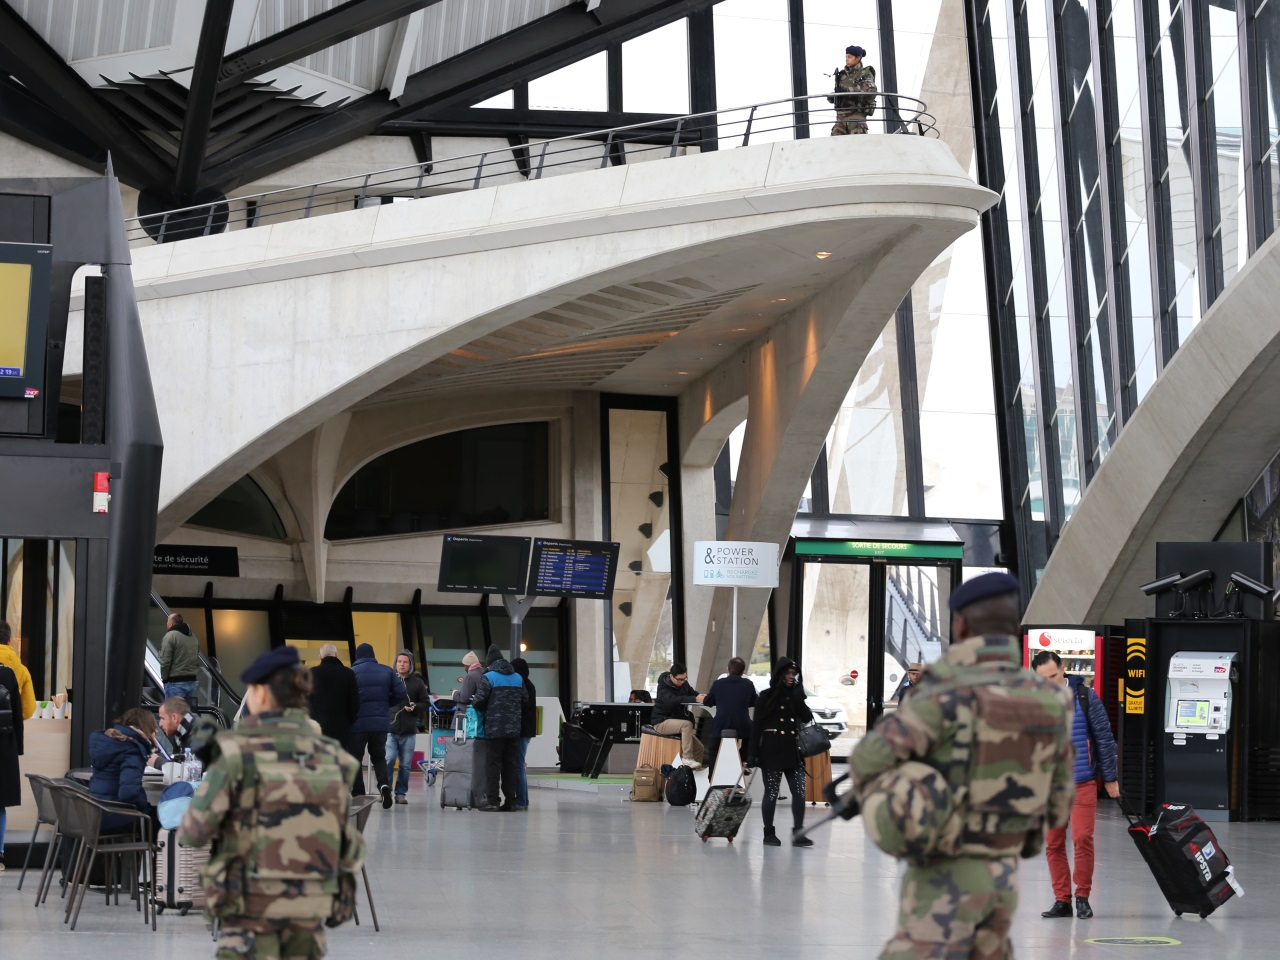 Dans le hall de la gare SNCF - LyonMag